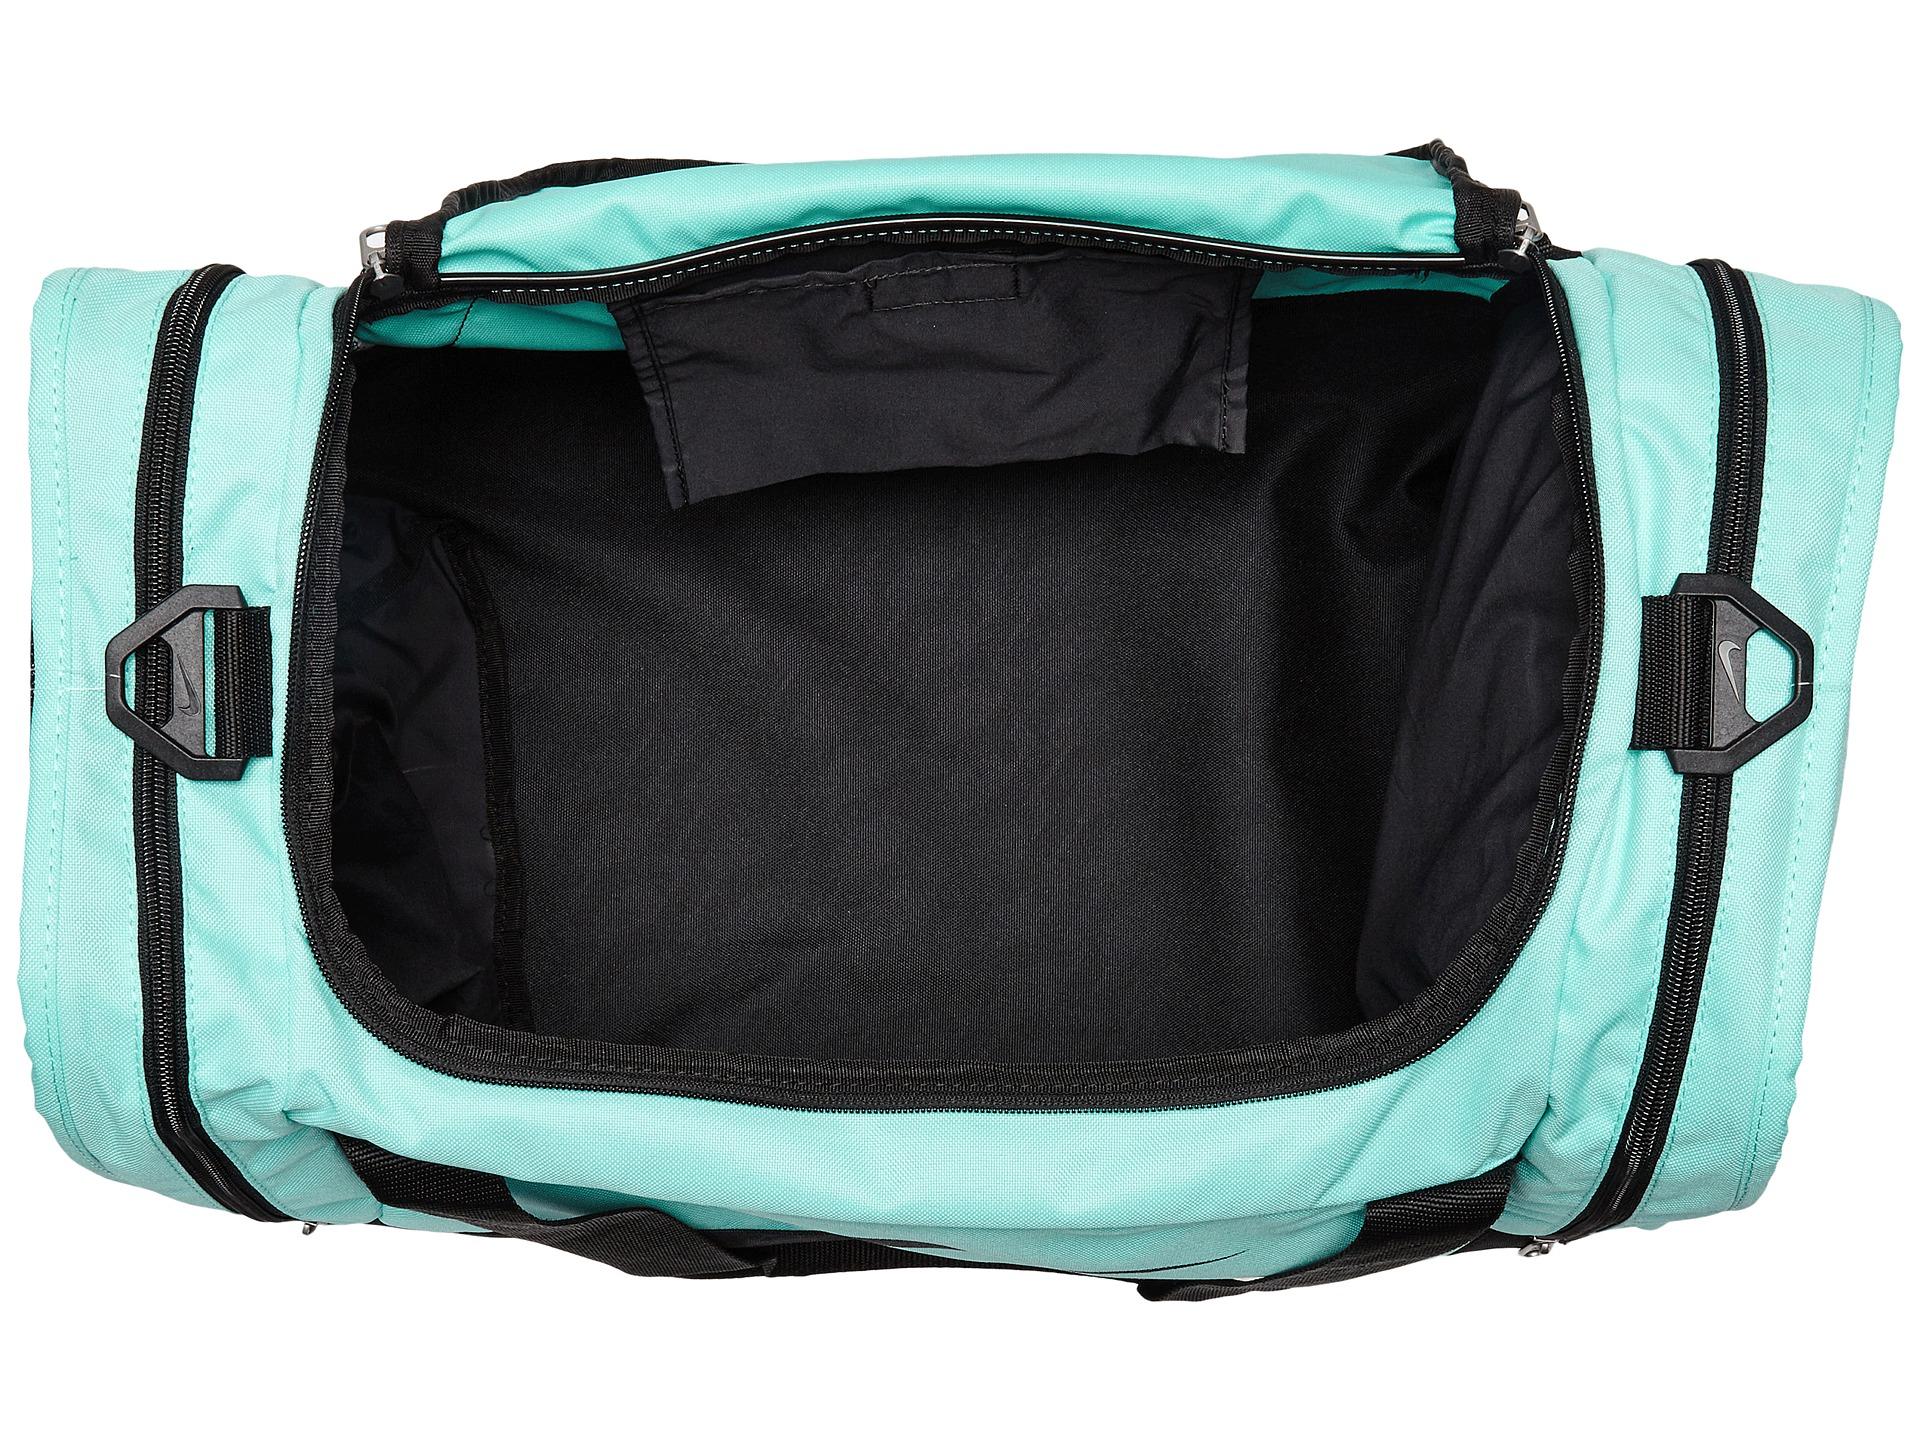 cfdd2da440bb Womens Small Nike Duffle Bag